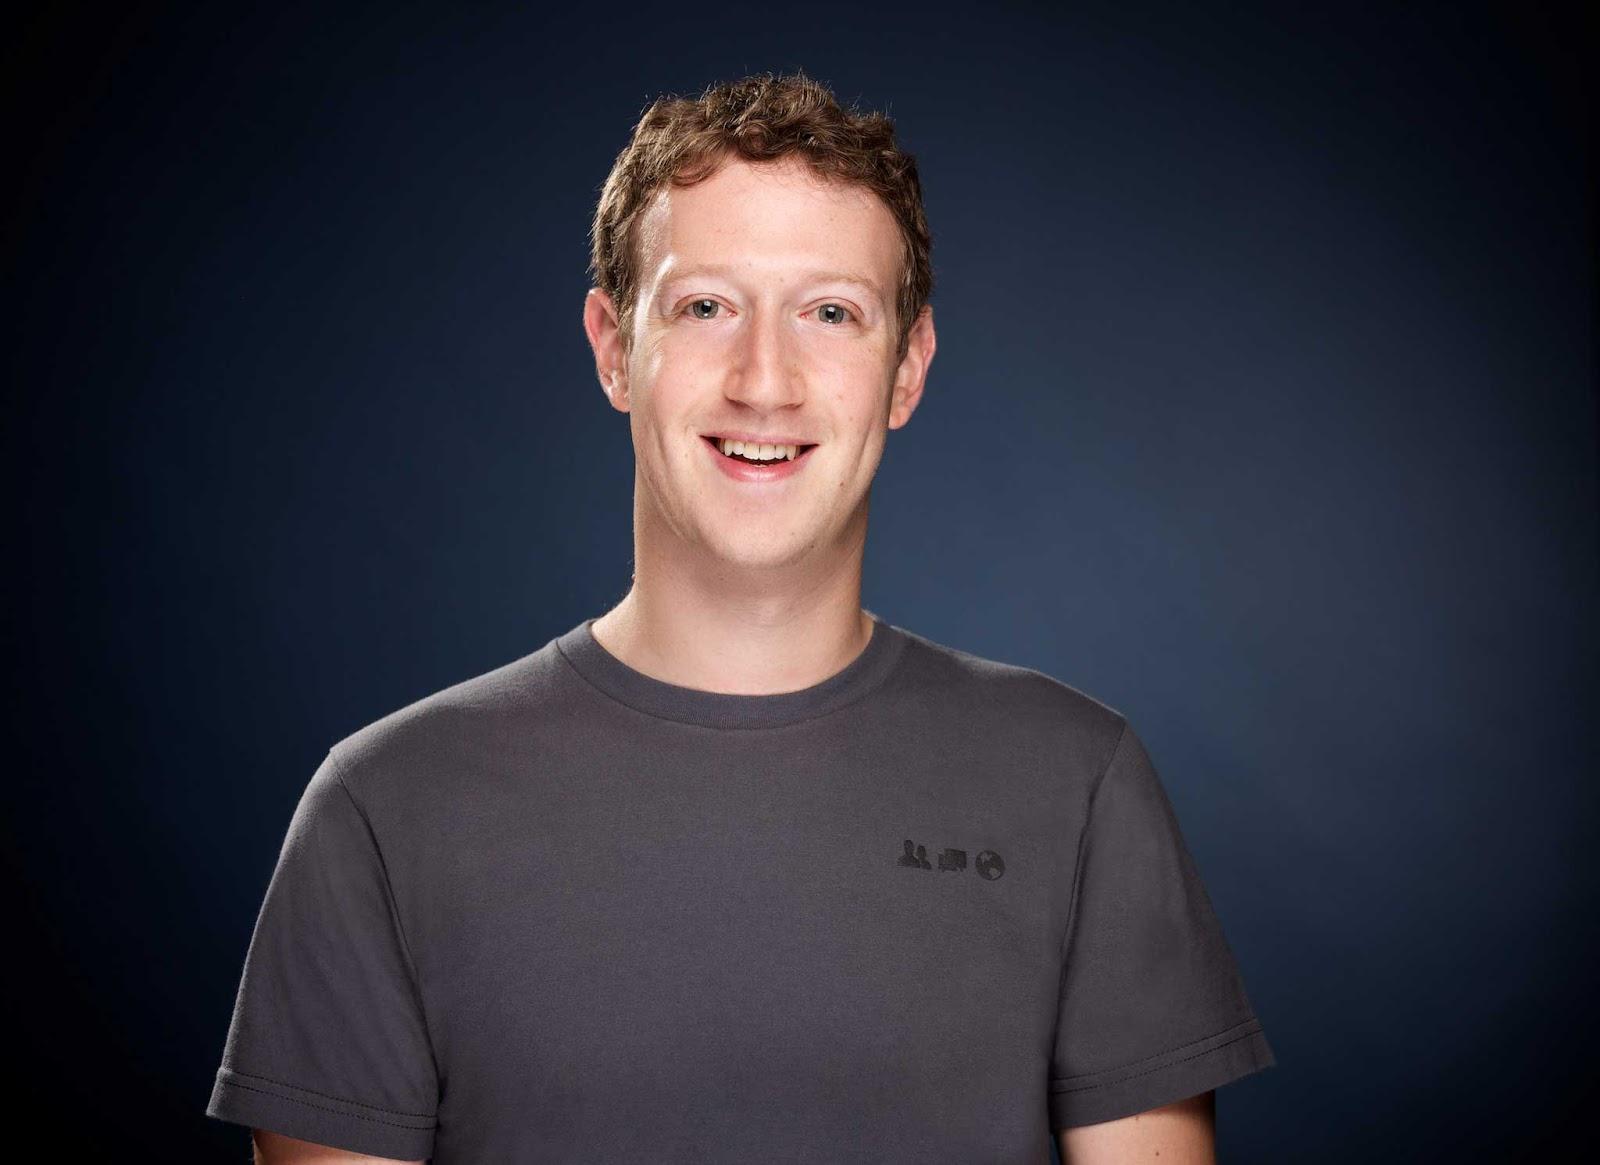 kisah cerita perjalanan karier bisnis pengusaha kaya raya mark zuckeberg wirausahawan profil facebook strategi pemasaran media sosial populer inspirasi menarik